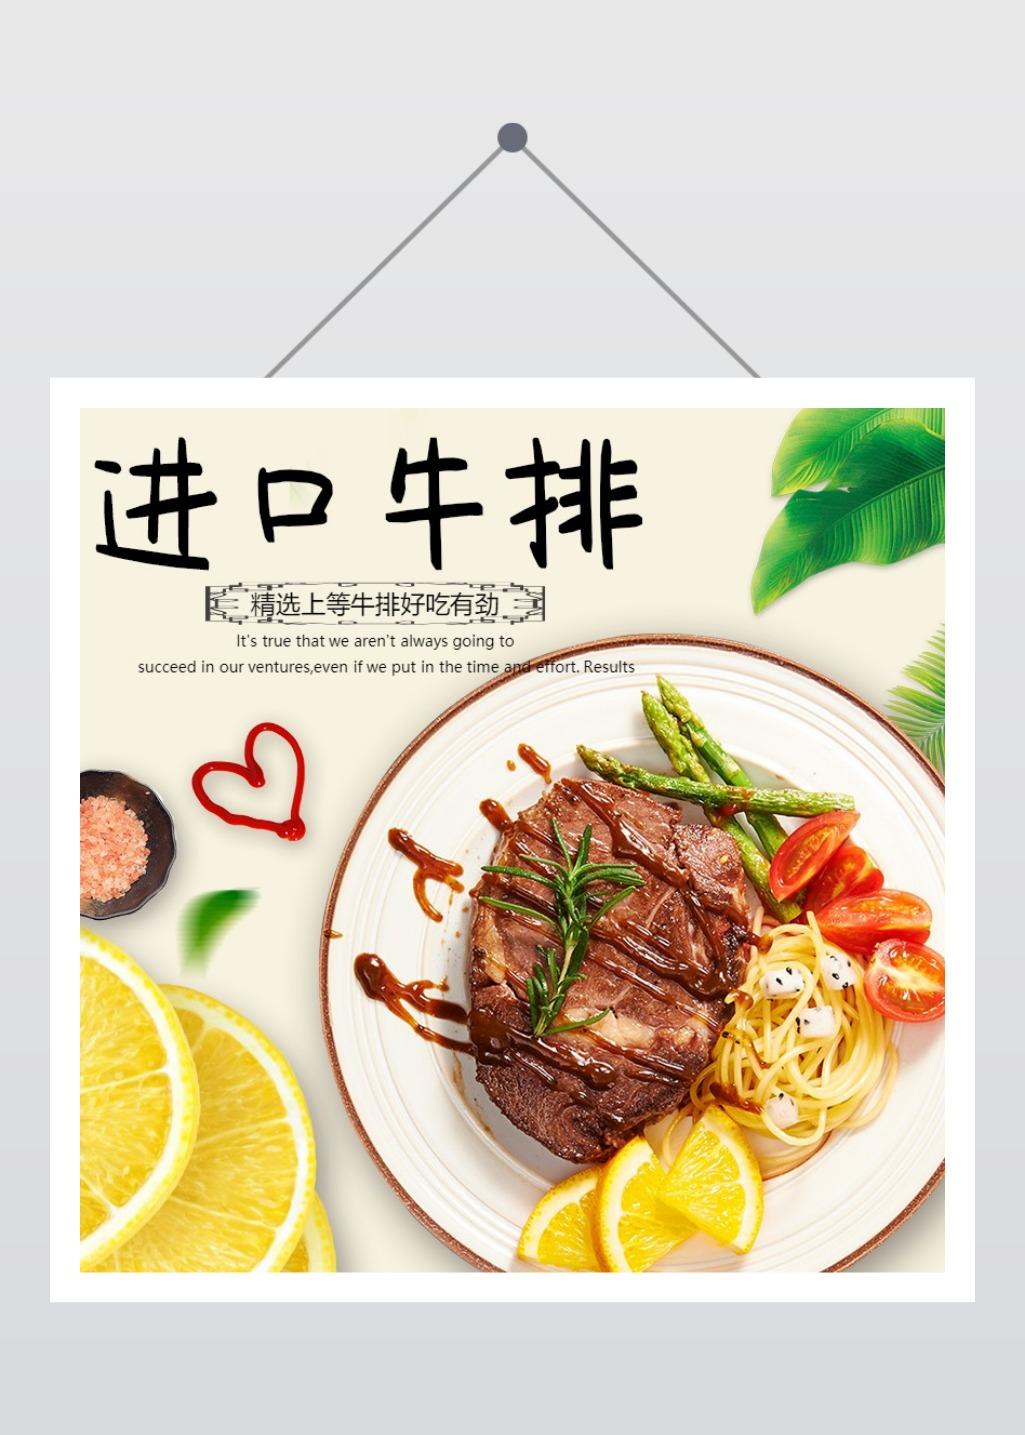 清新简约餐饮美食西餐牛排推广电商主图